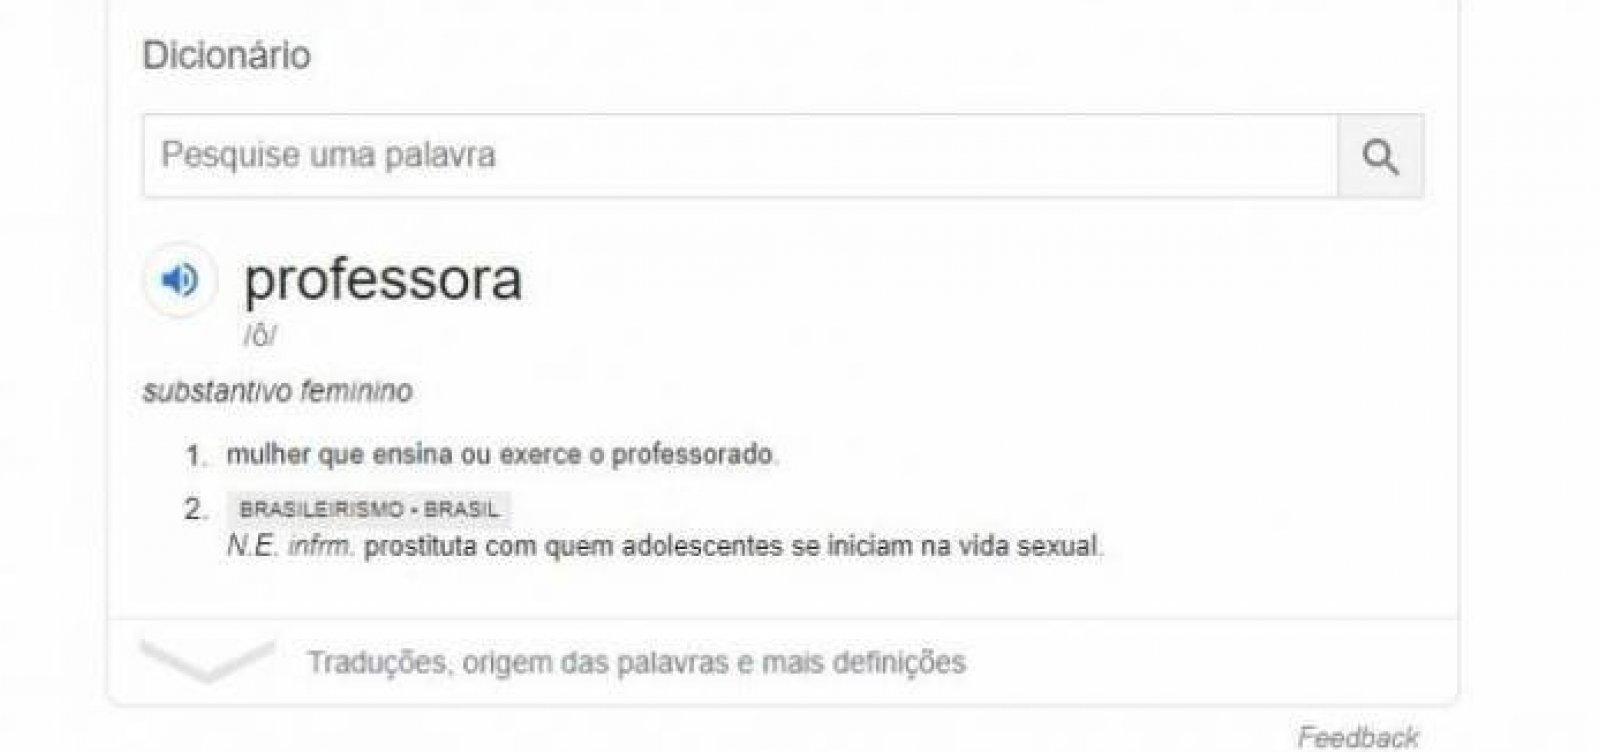 Google tira definição de professora como 'prostituta' do dicionário